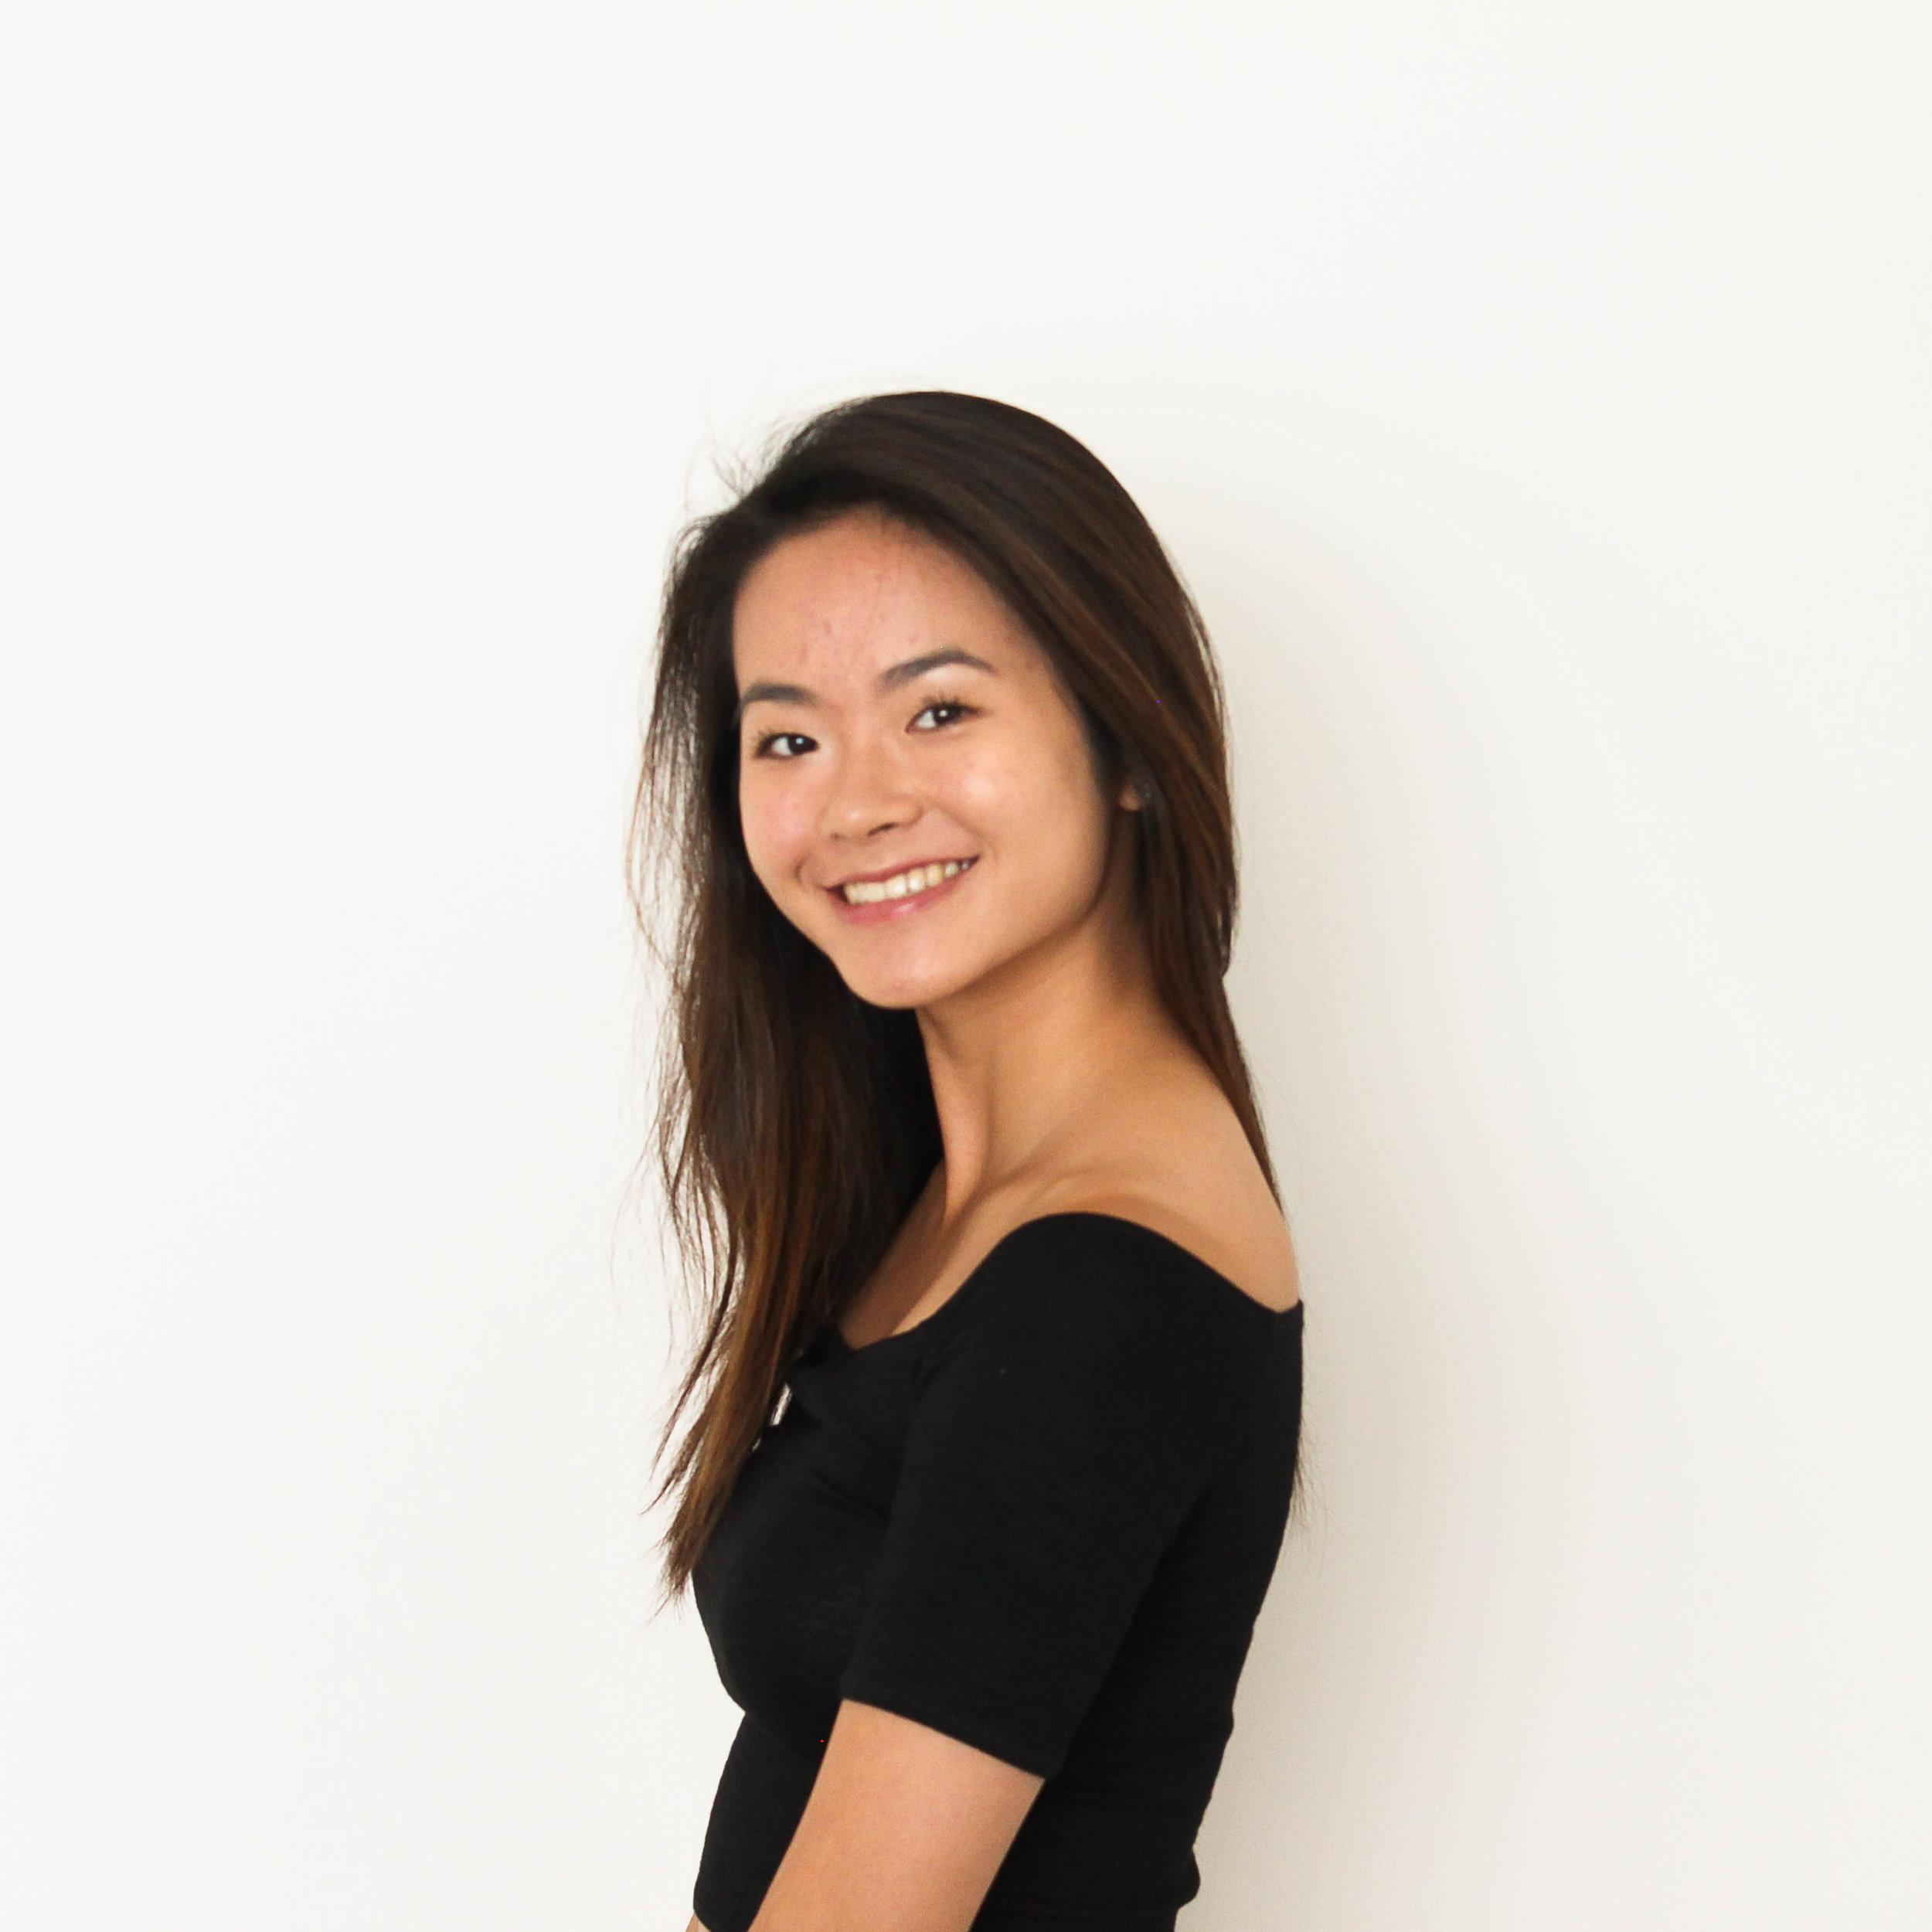 Natalie Chiang - Developer